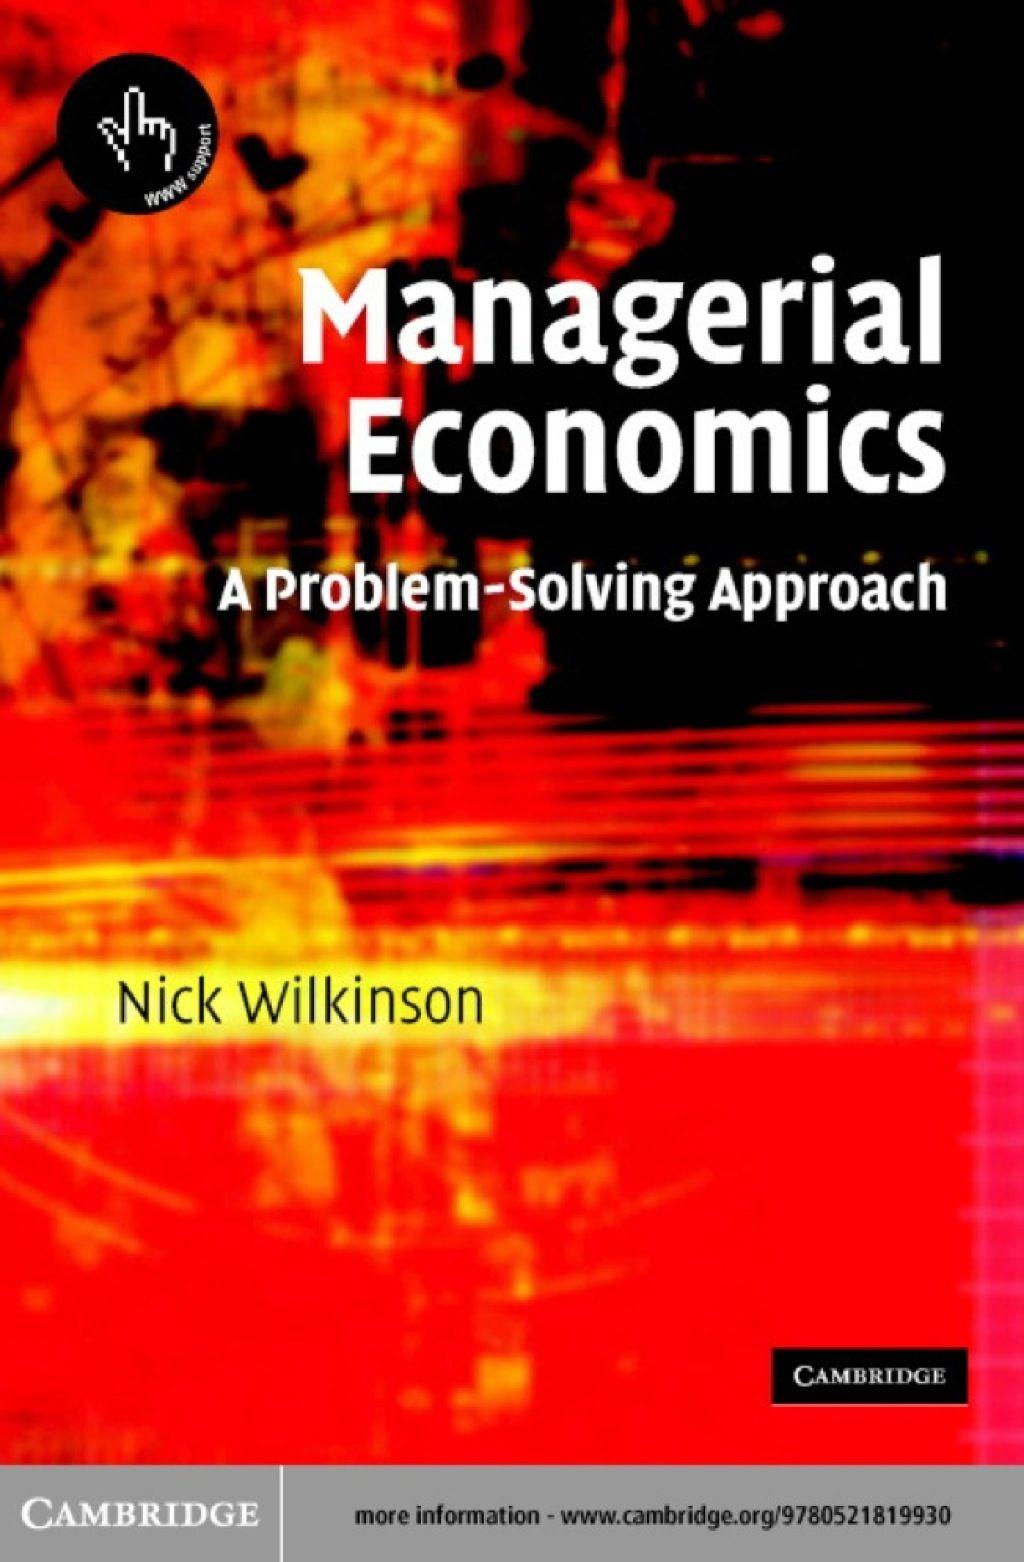 Managerial Economics (eBook) Managerial economics